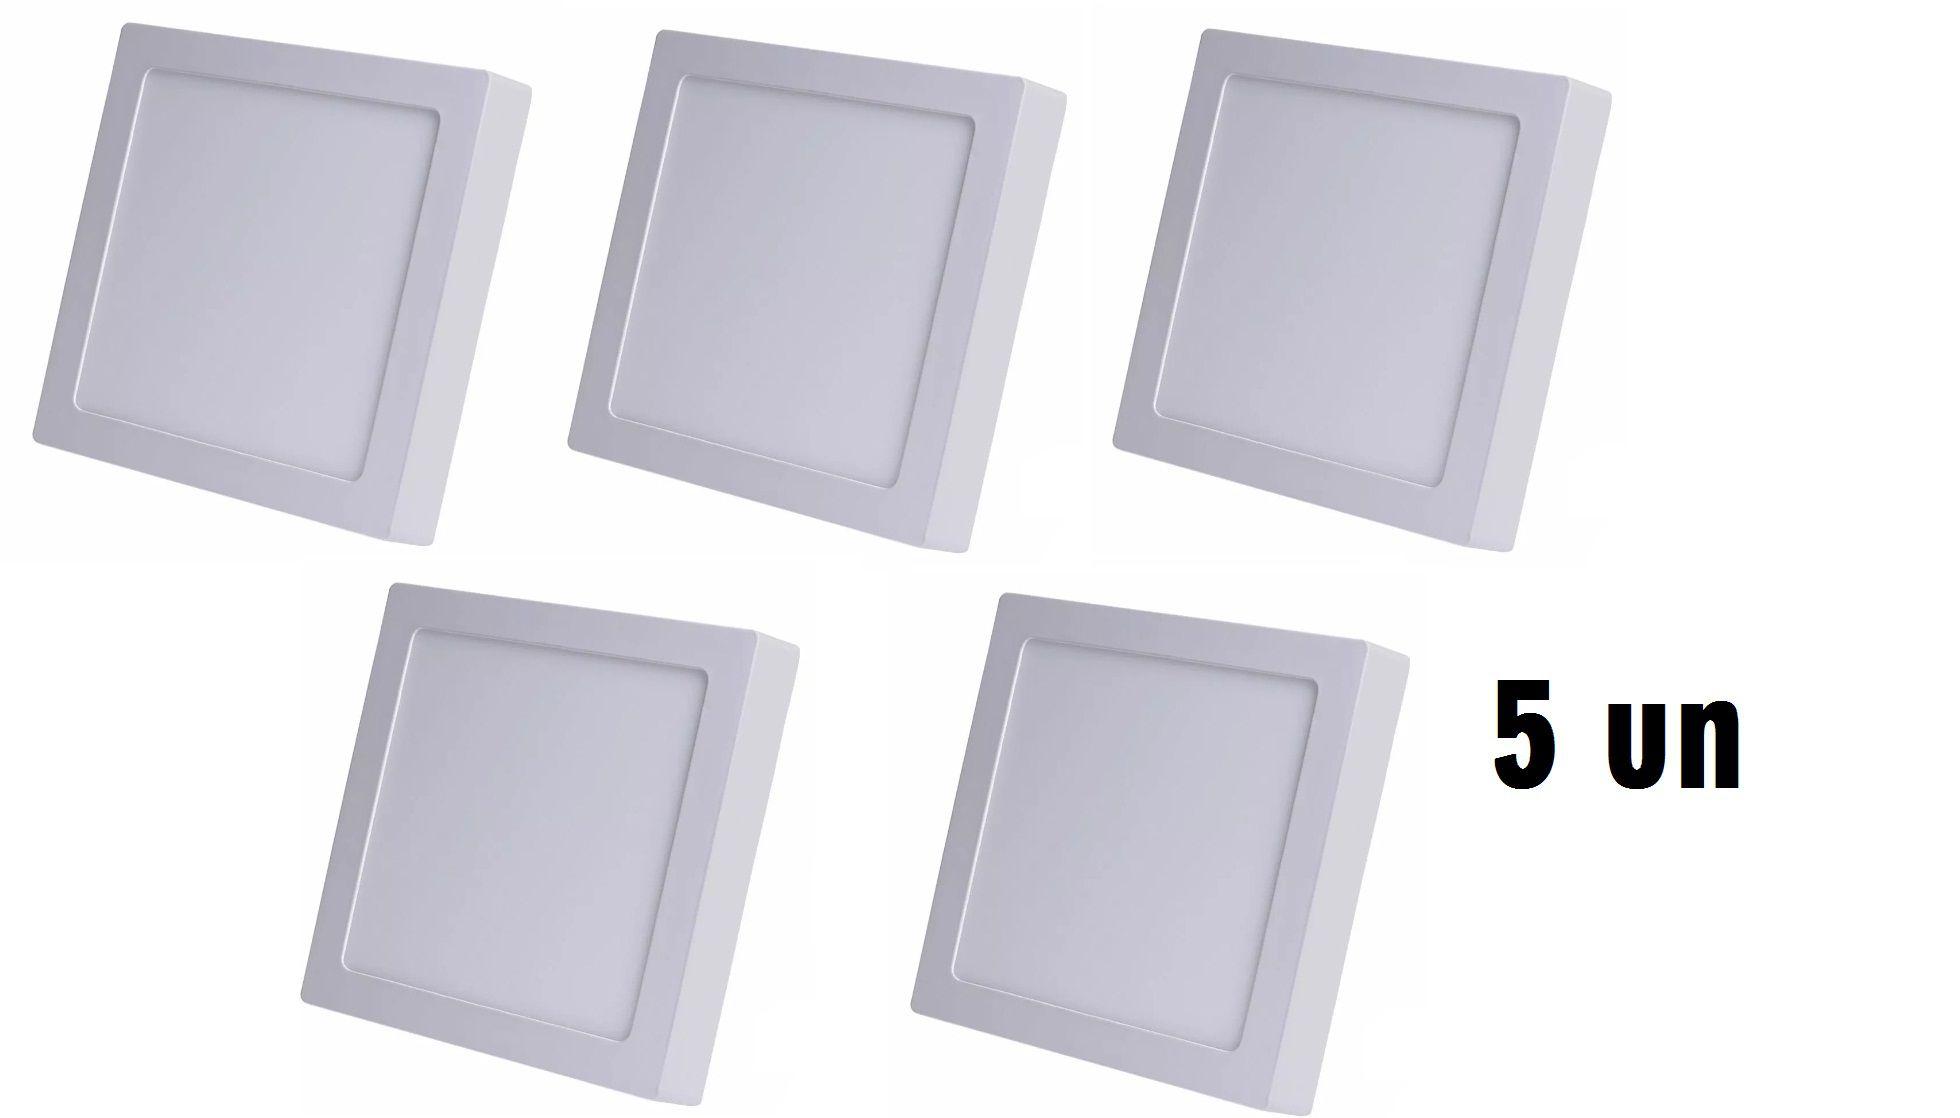 Kit 5 Plafons Led 12w Quadrado De Sobrepor Teto